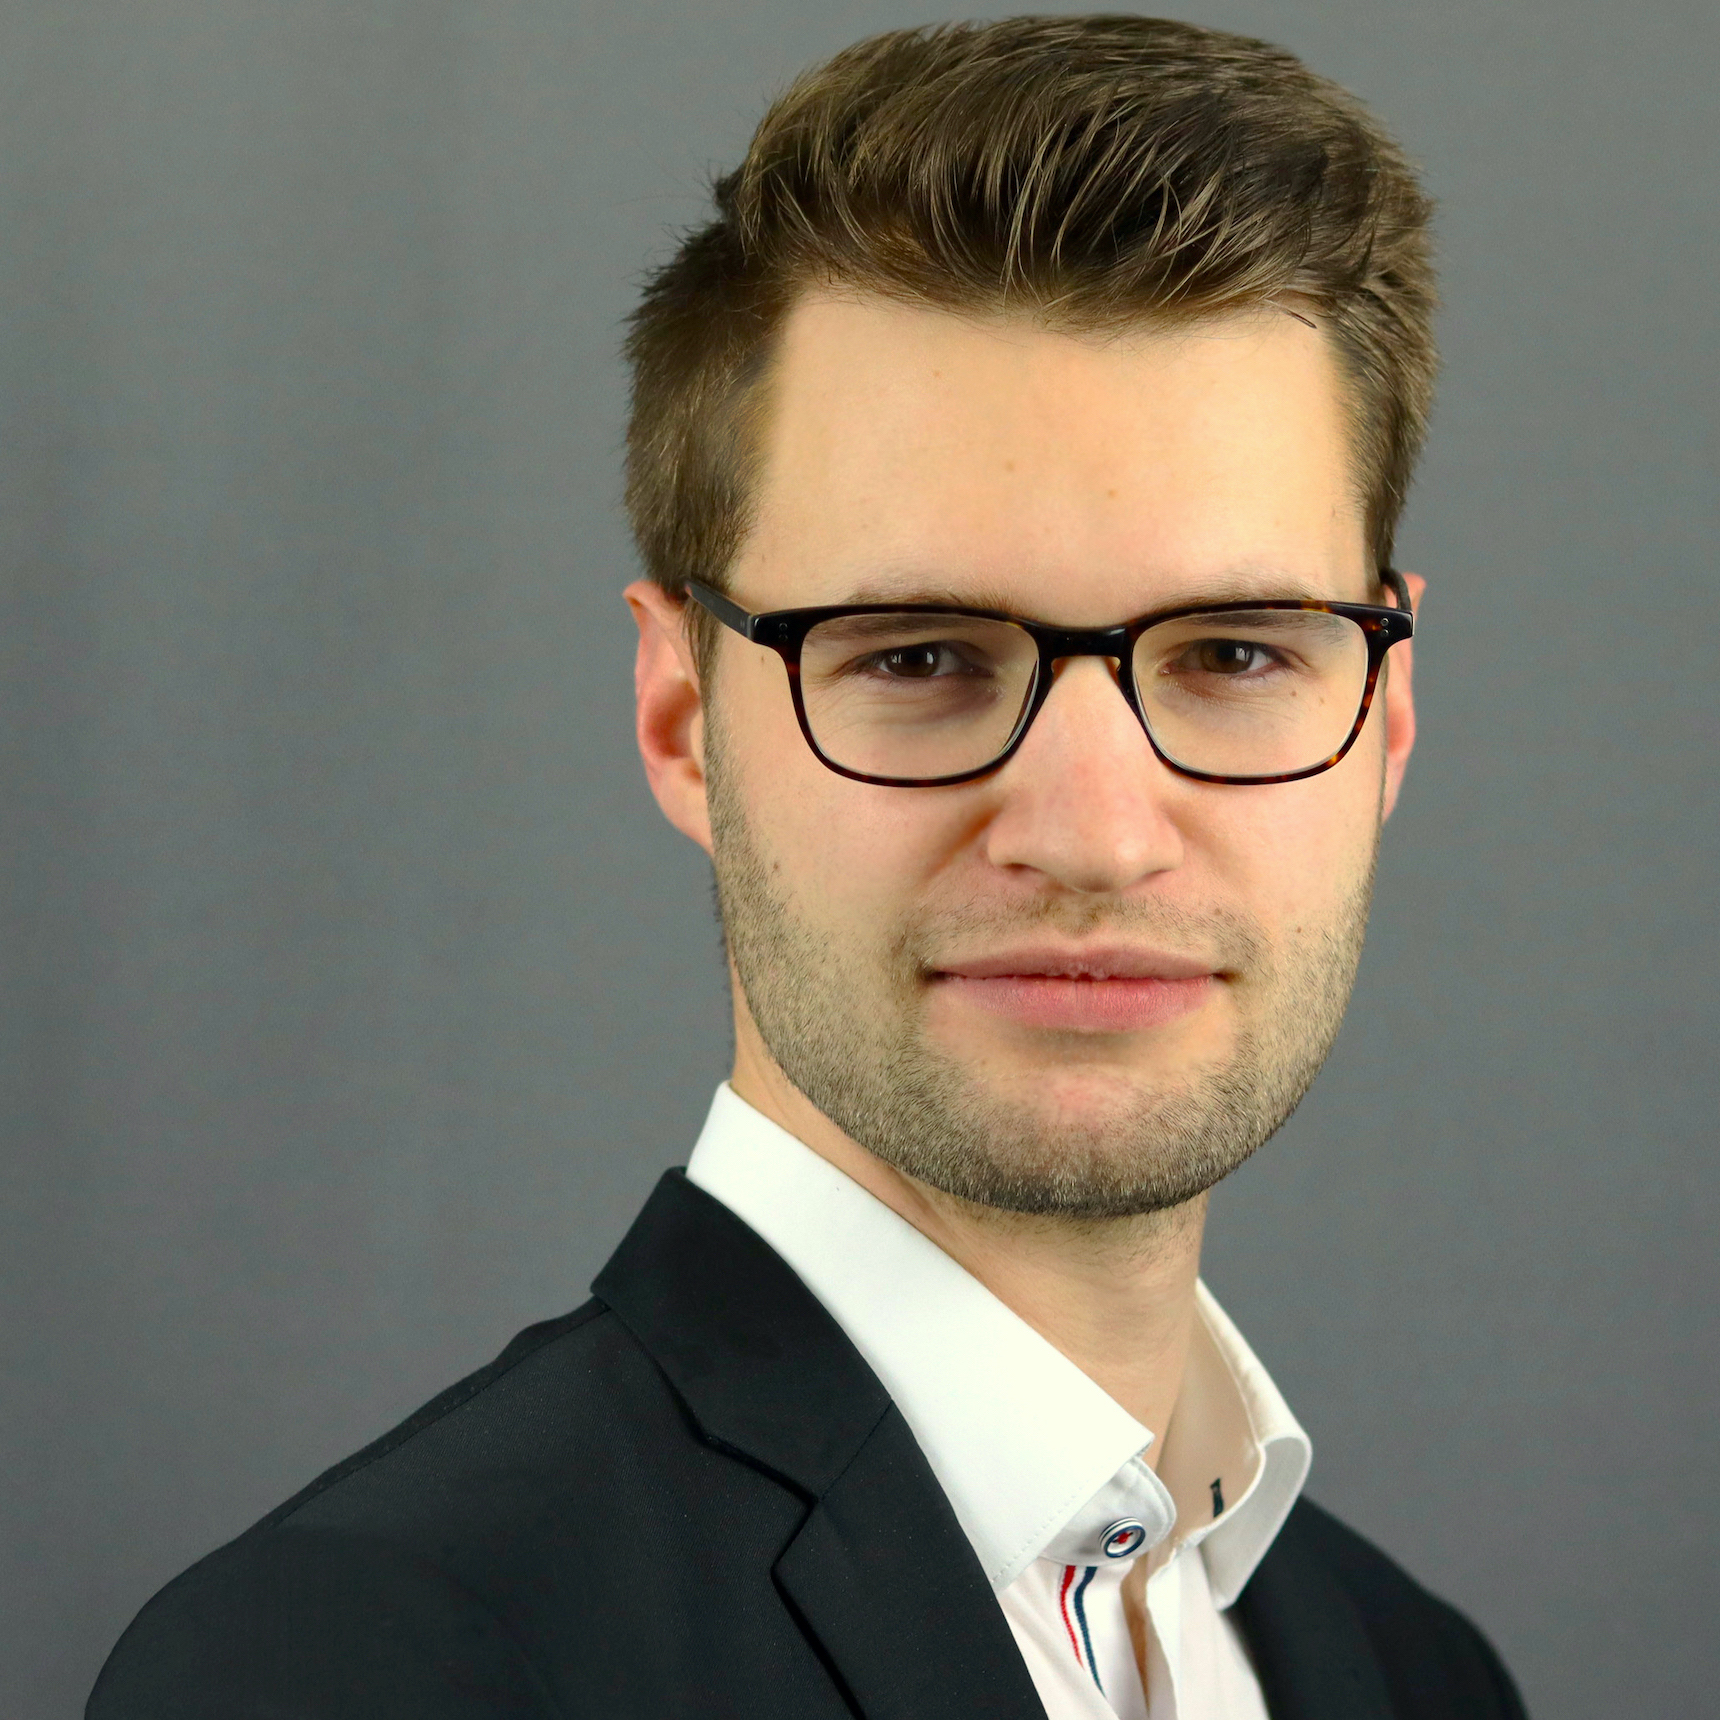 Adrian Heer